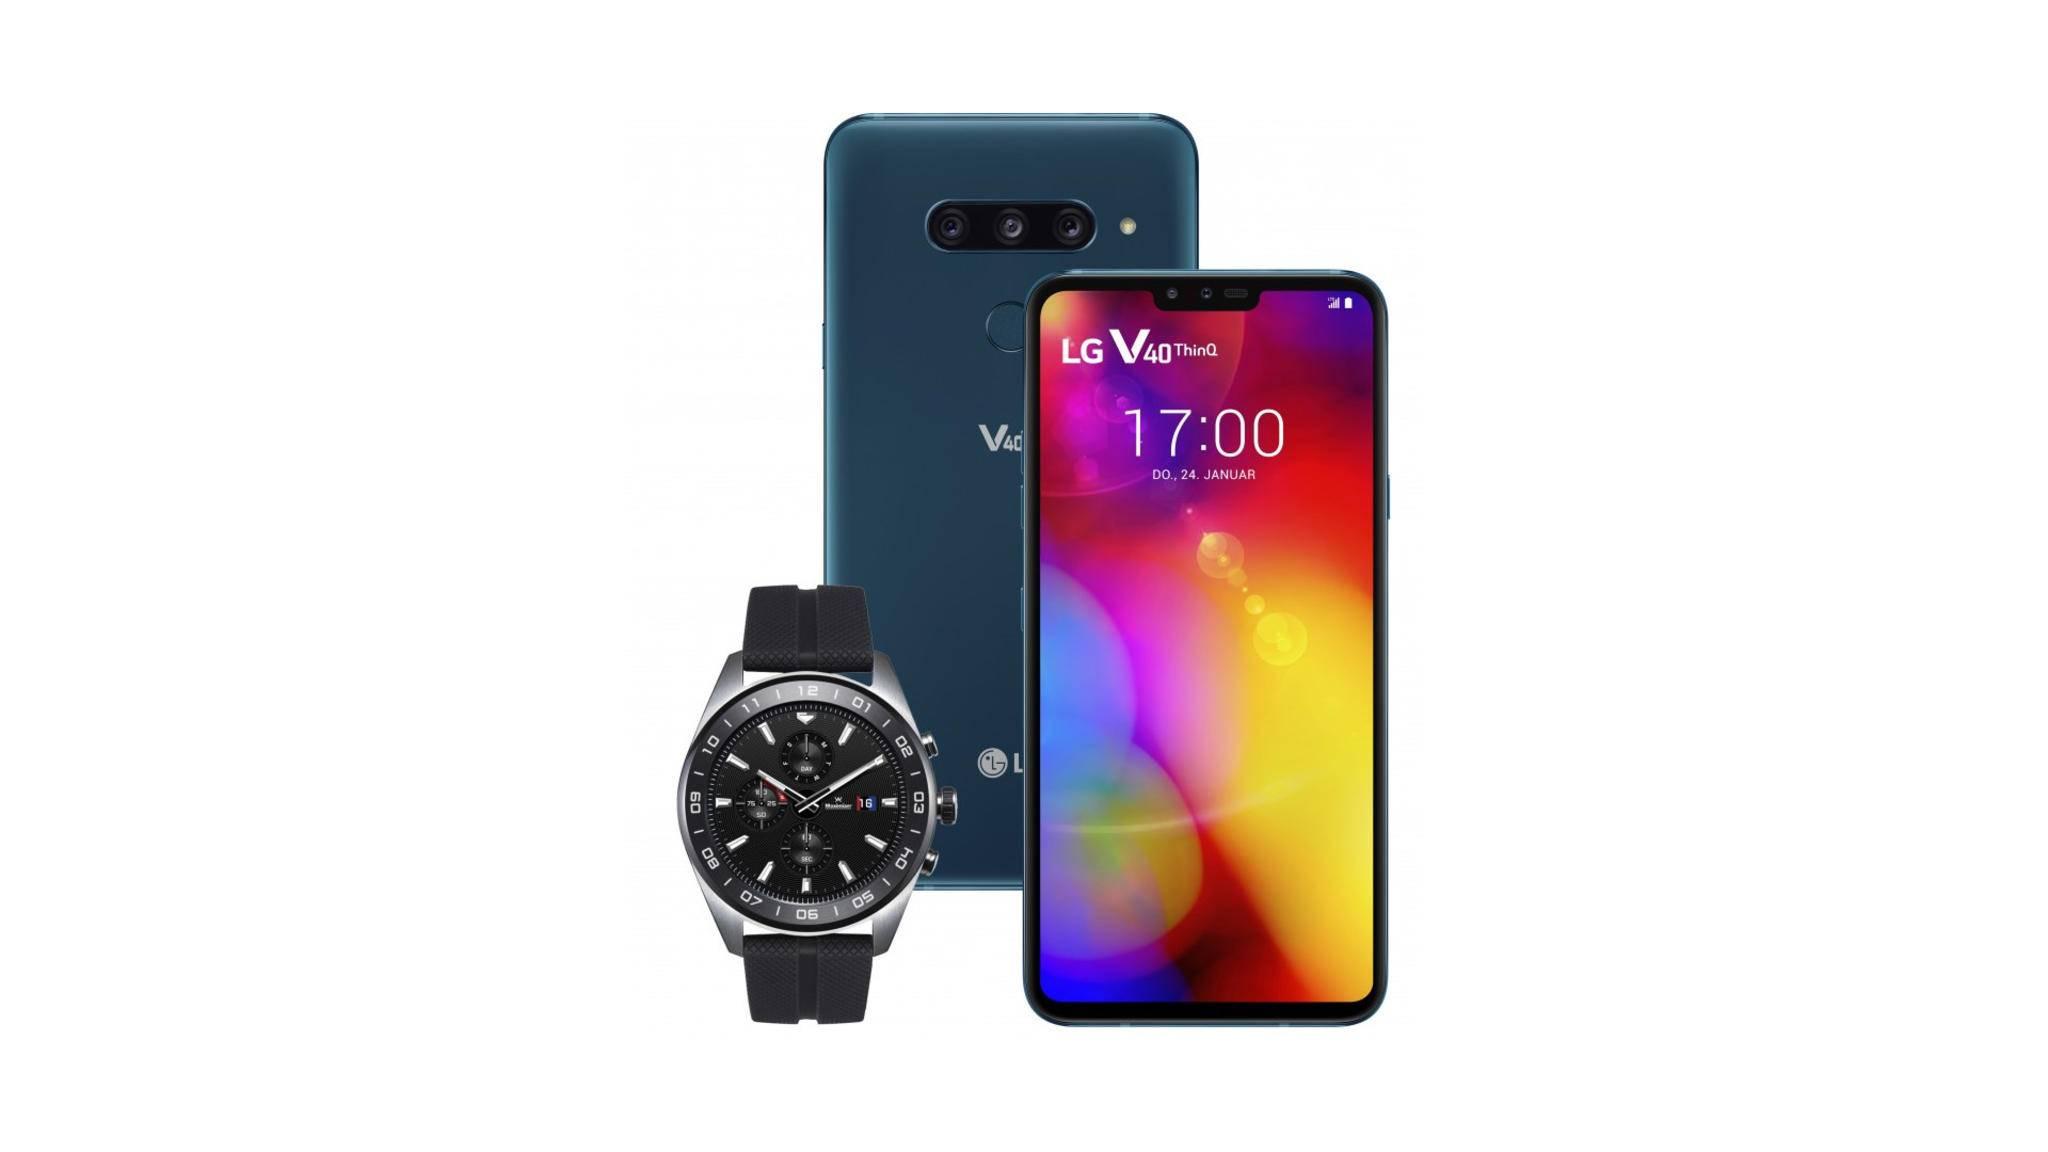 Wer schnell ist, kann beim Kauf des LG V40 ThinQ noch die LG Watch W7 kostenlos abstauben.